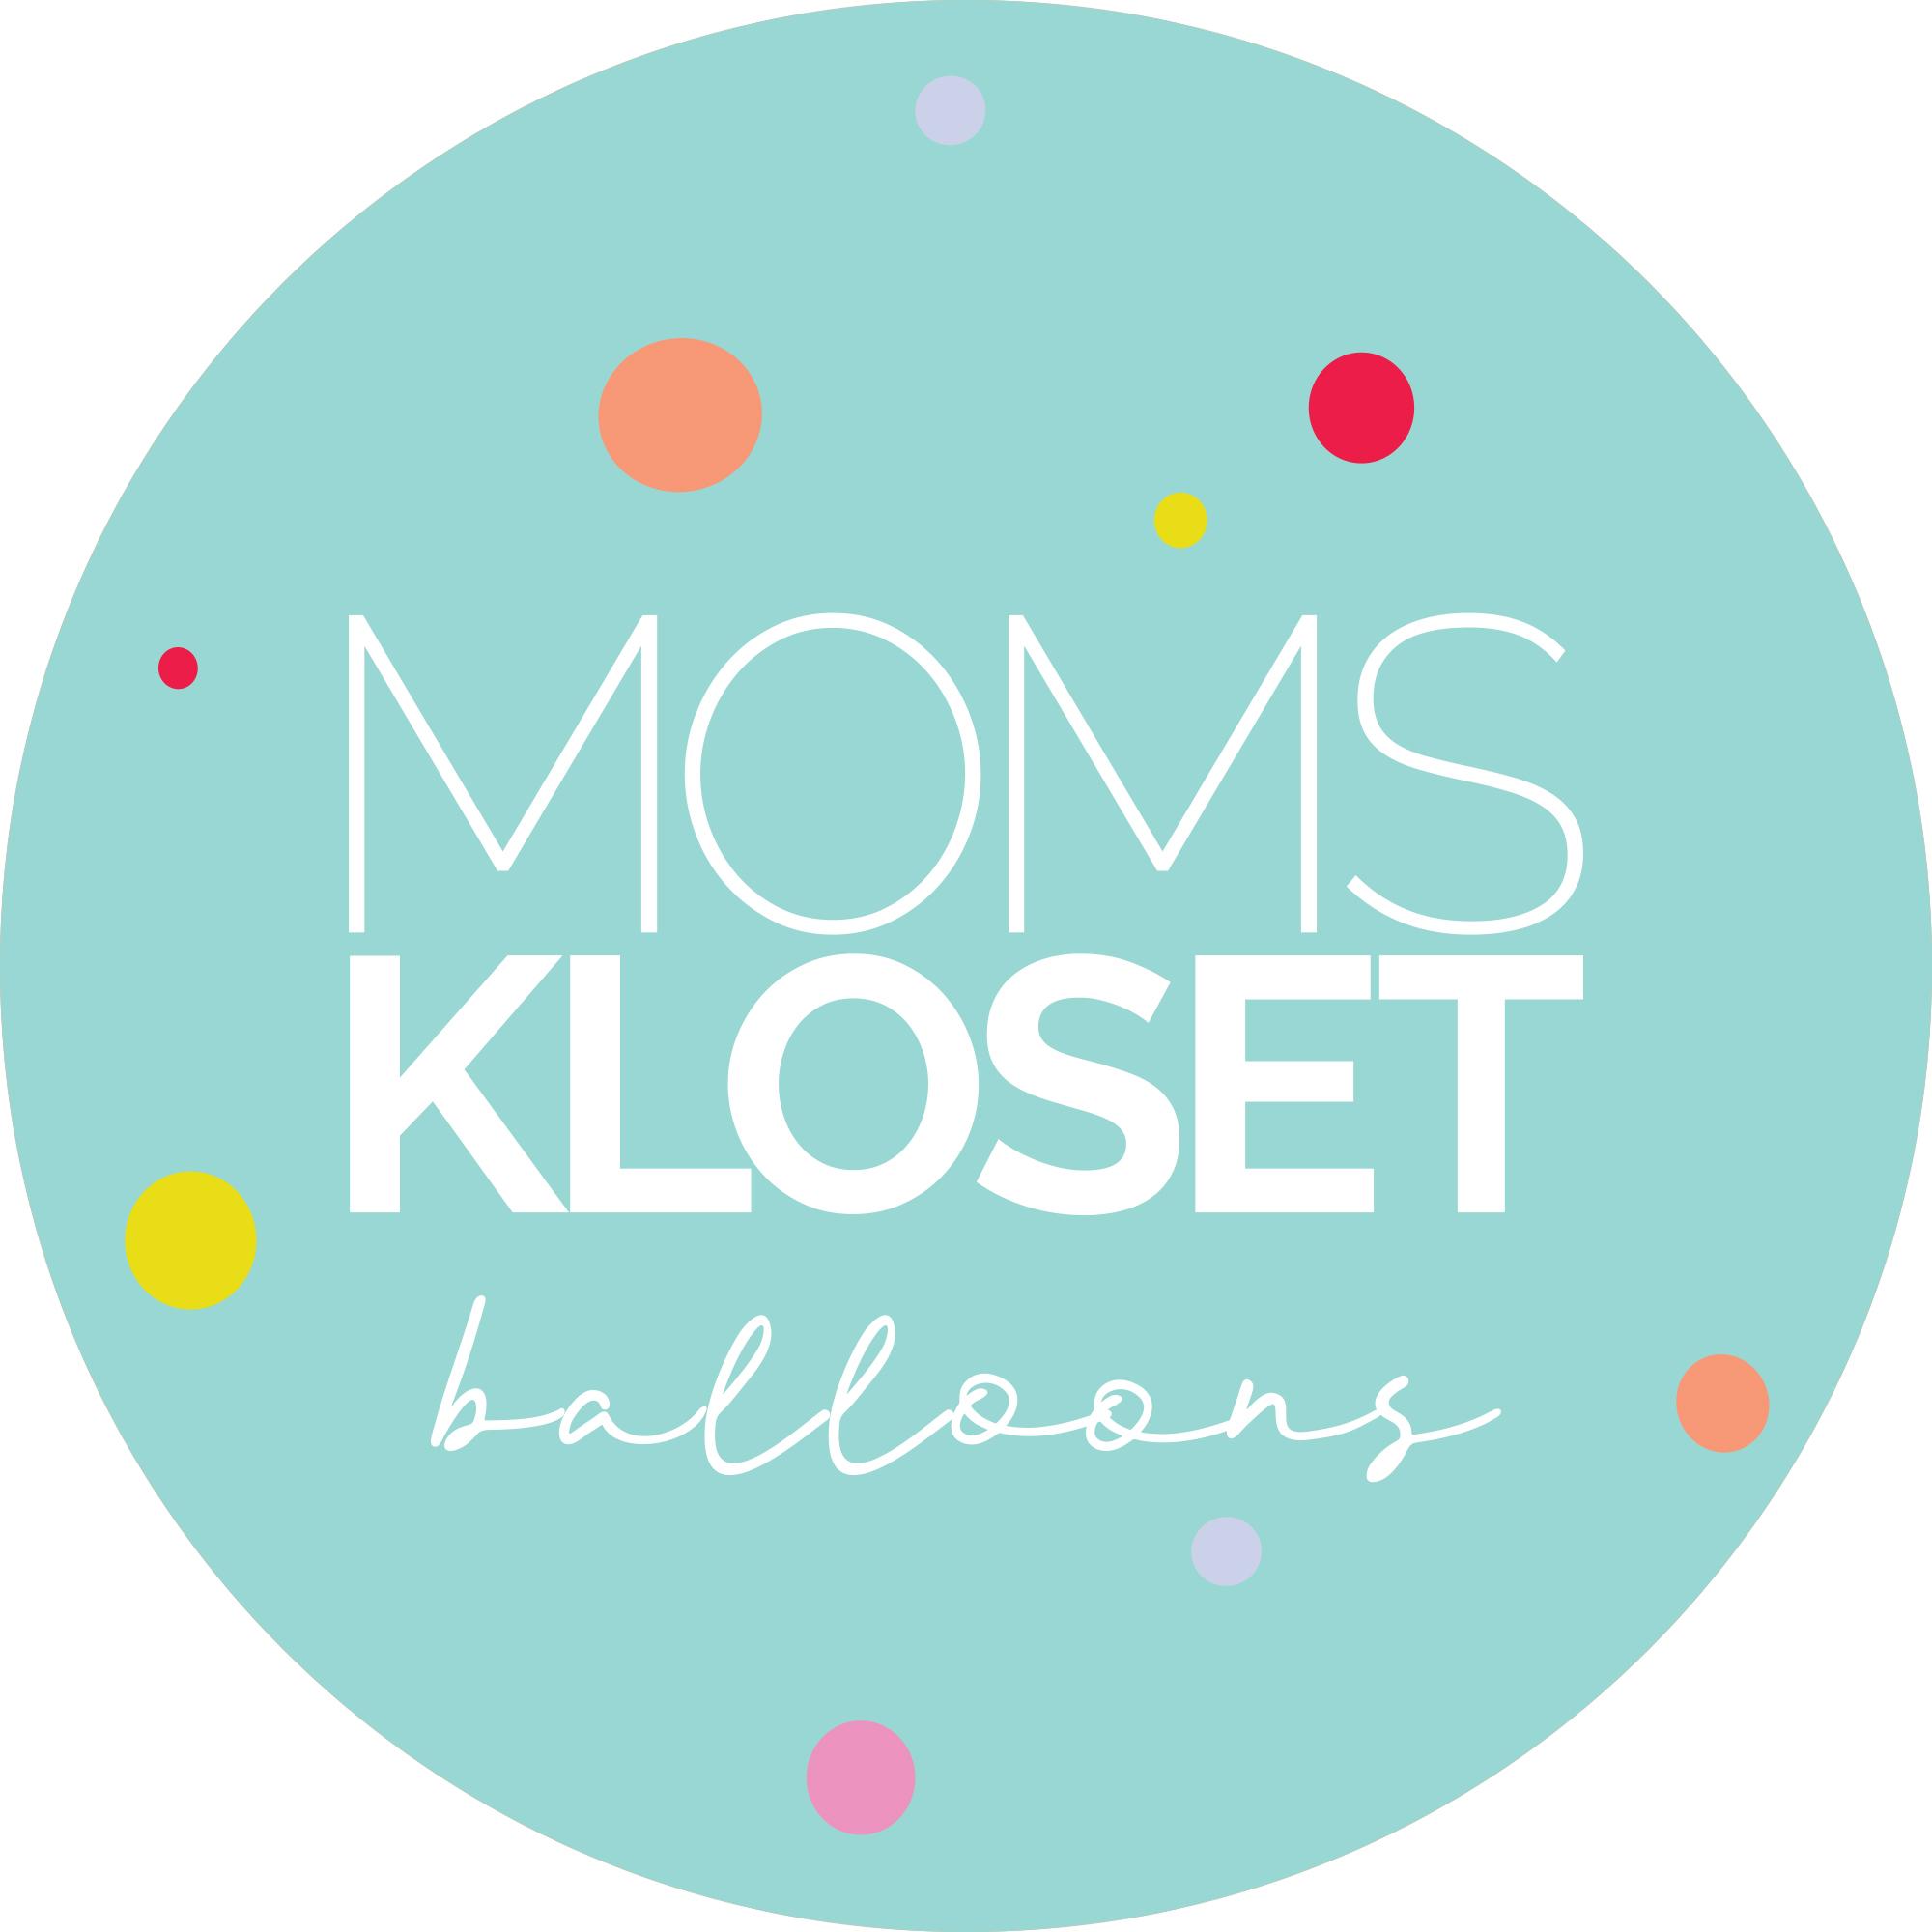 Moms Kloset